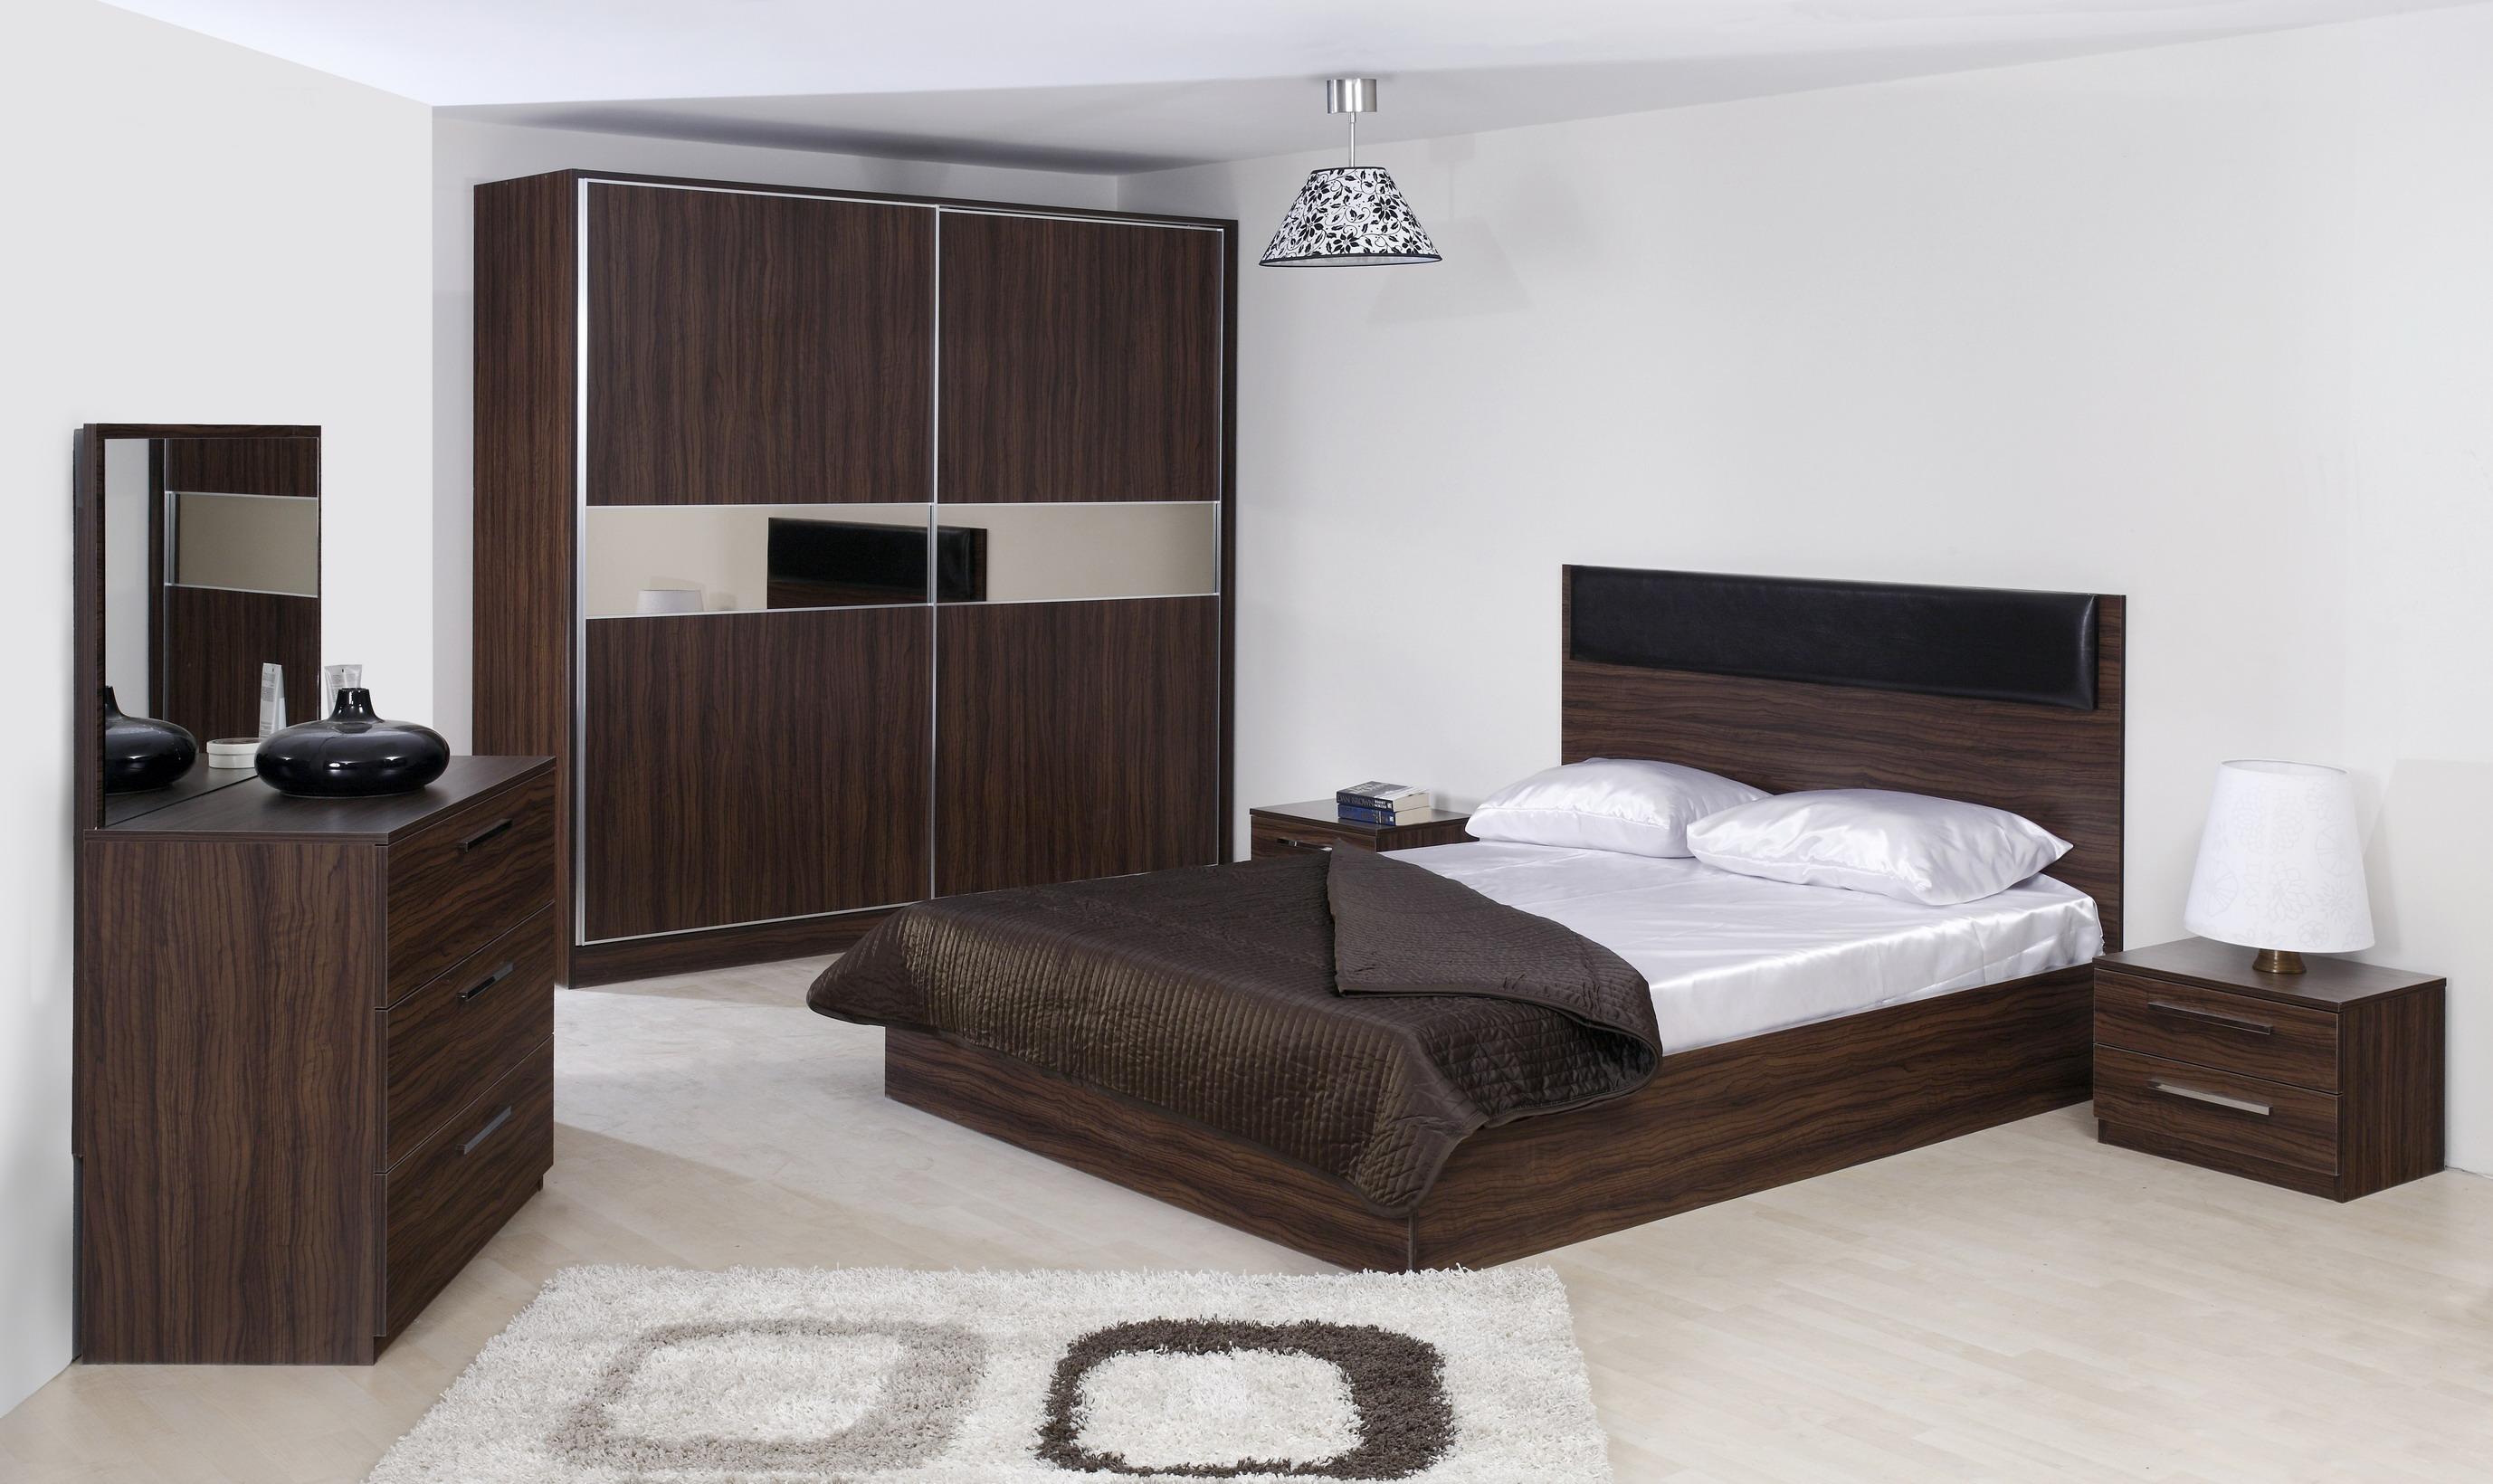 En Ucuz Yatak Odası Takımları fiyatları